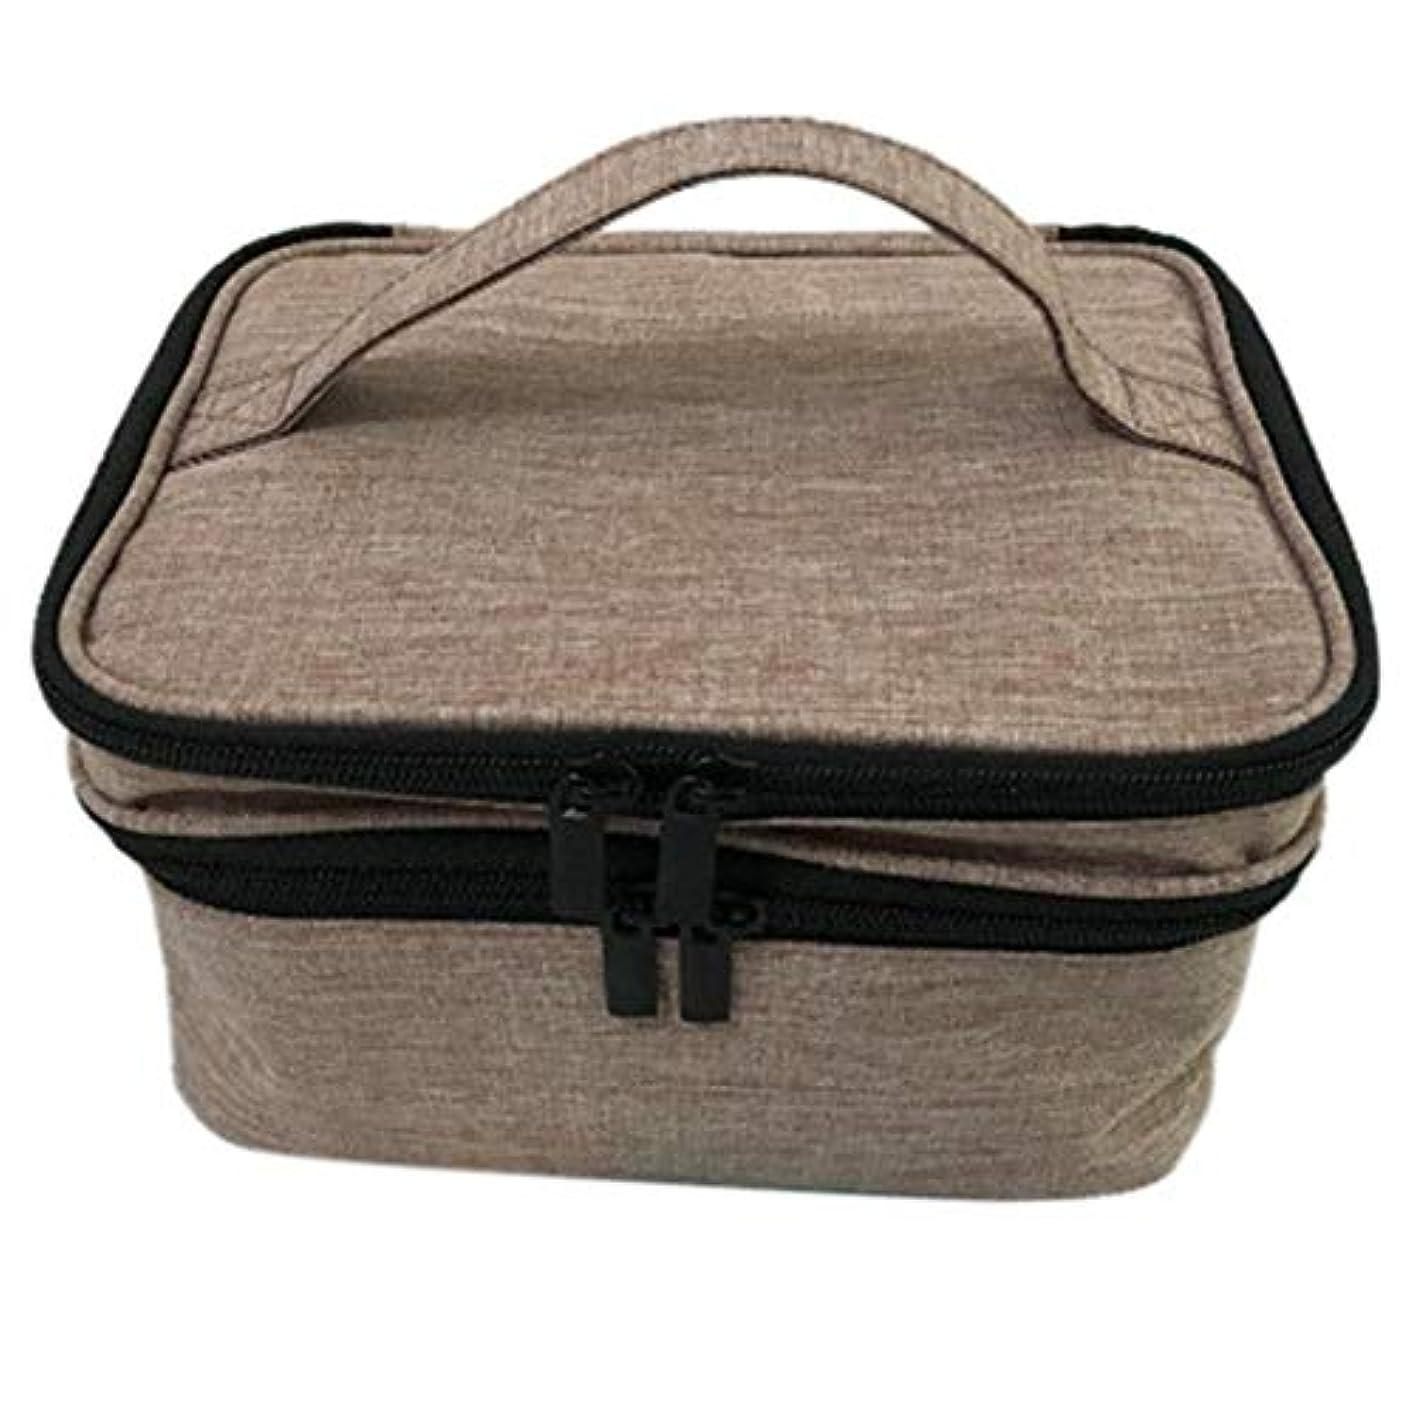 一過性厚くする典型的な収納バッグ 30格 仕切り エッセンシャルオイル 精油 保管袋 収納ボックス 収納ケース 精油ケース 香水収納バッグ 不織布 携帯便利 耐震 30本用 (5ml~30ml)